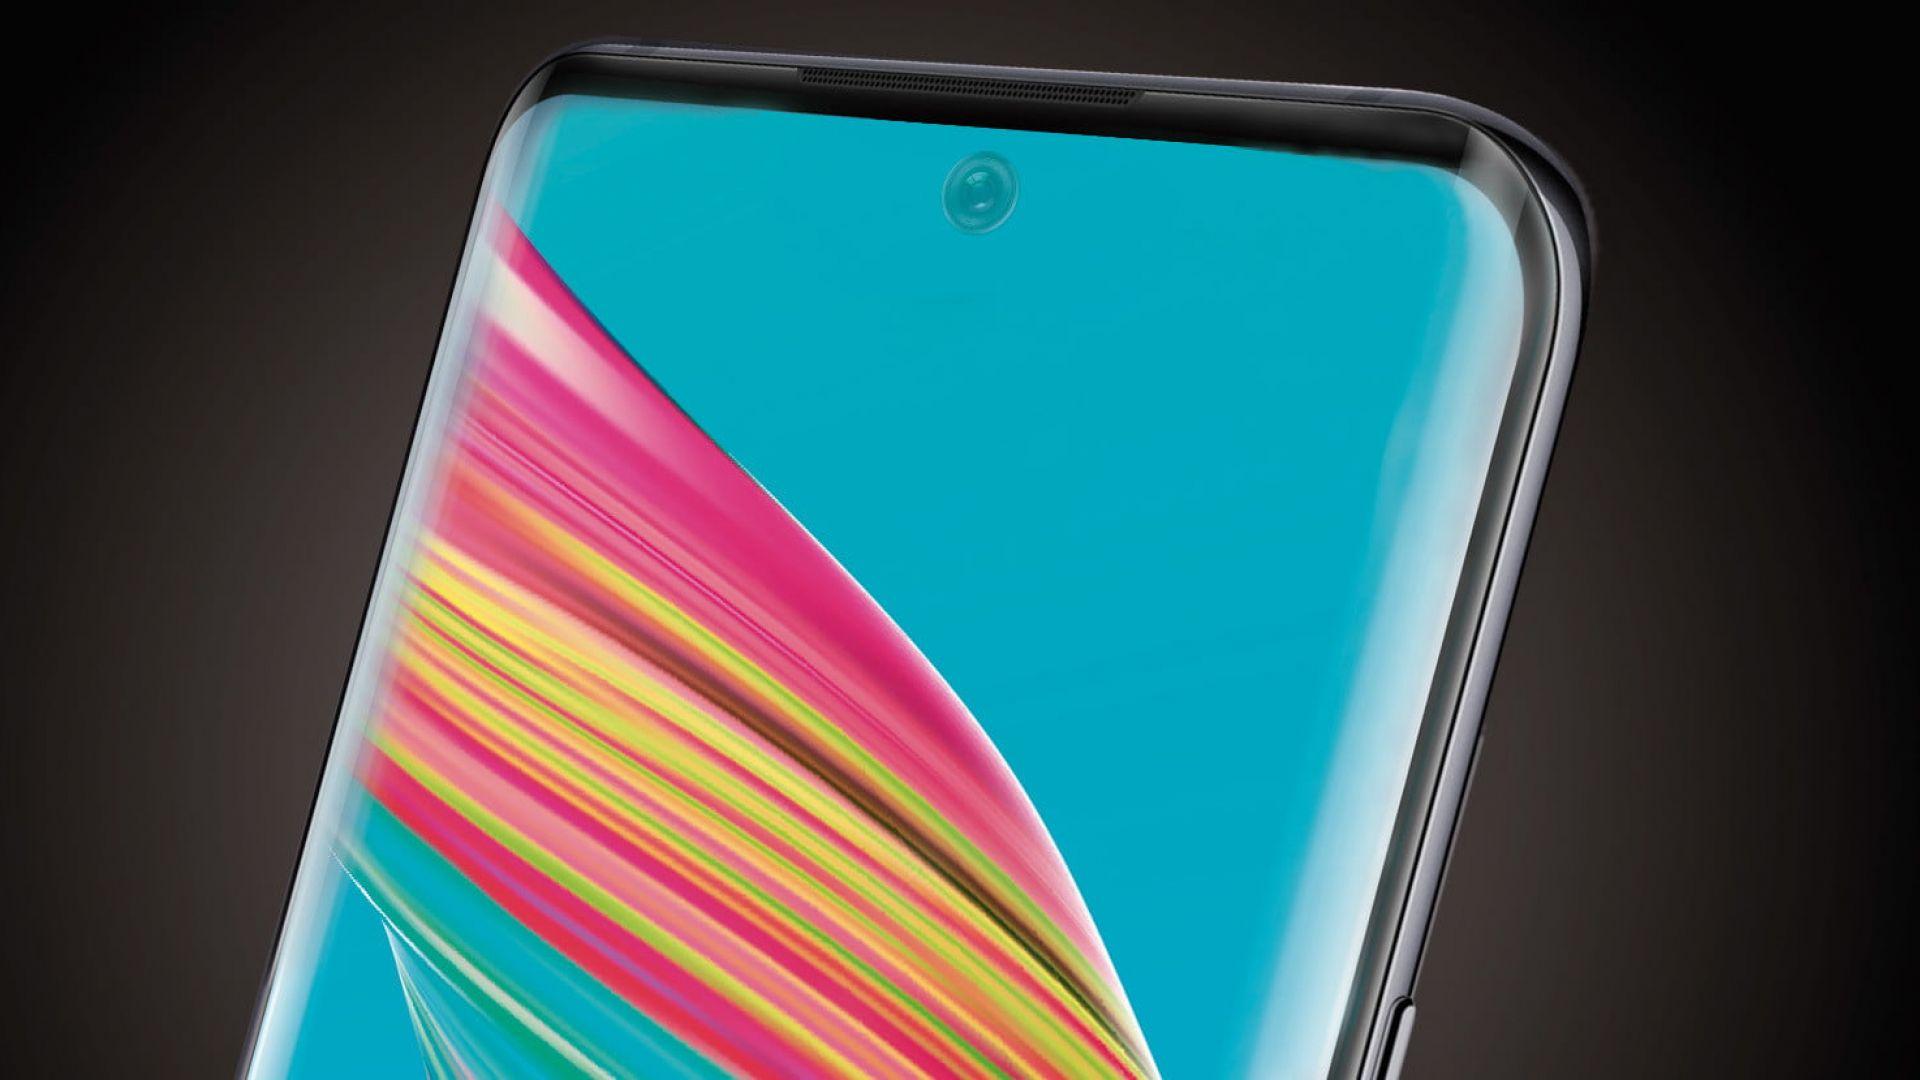 ZTE ще пусне на пазара първия смартфон със селфи камера под екрана